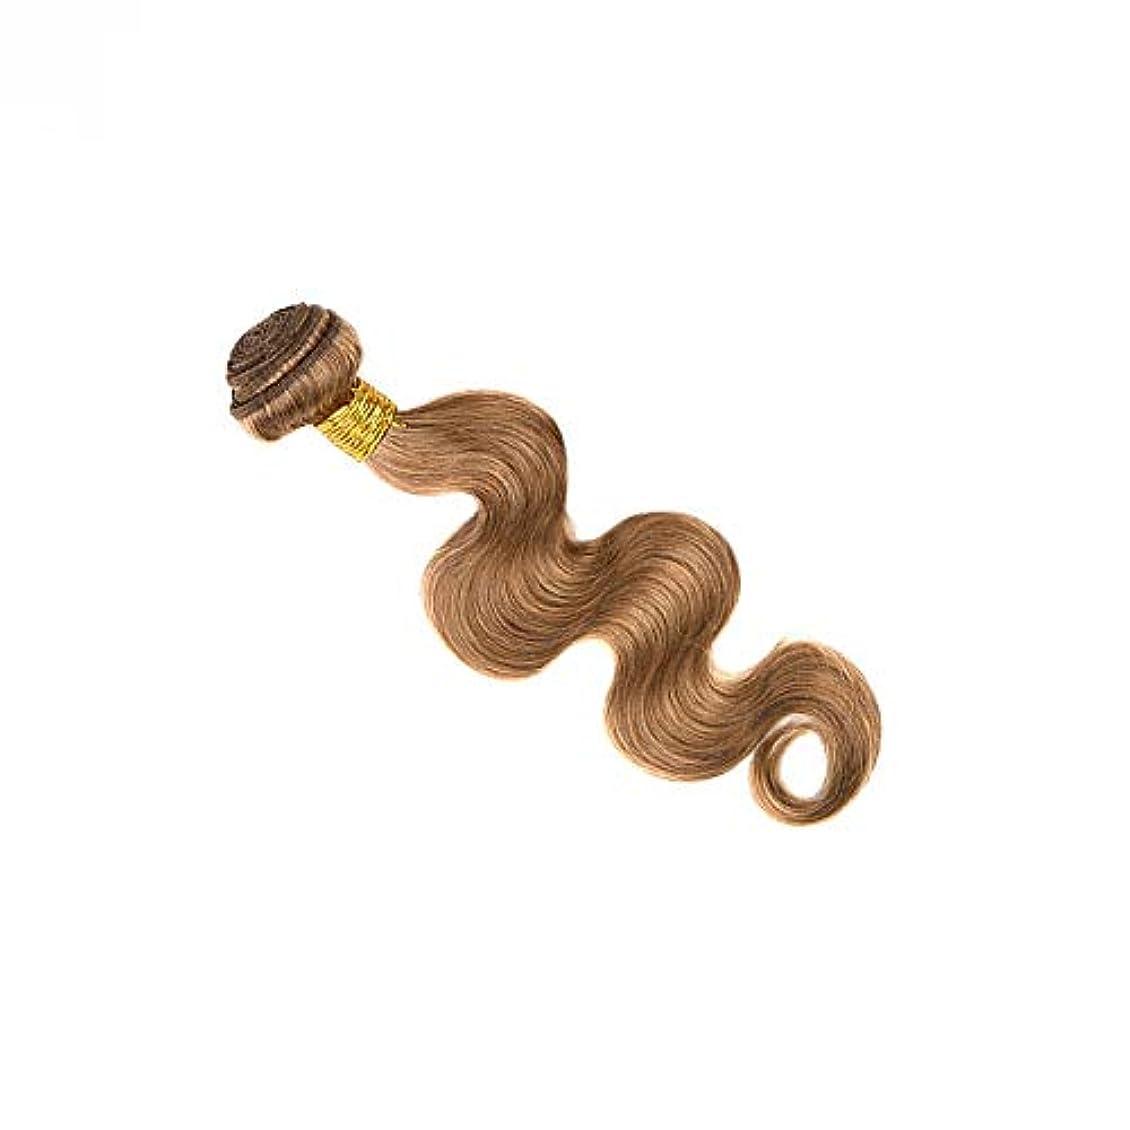 ボランティア医師ガムGoodsok-jp ブラジル人毛織りバンドルボディウェーブナチュラルヘアエクステンション27#ブラウンカラー(100g、1バンドル) (色 : ブラウン, サイズ : 14 inch)